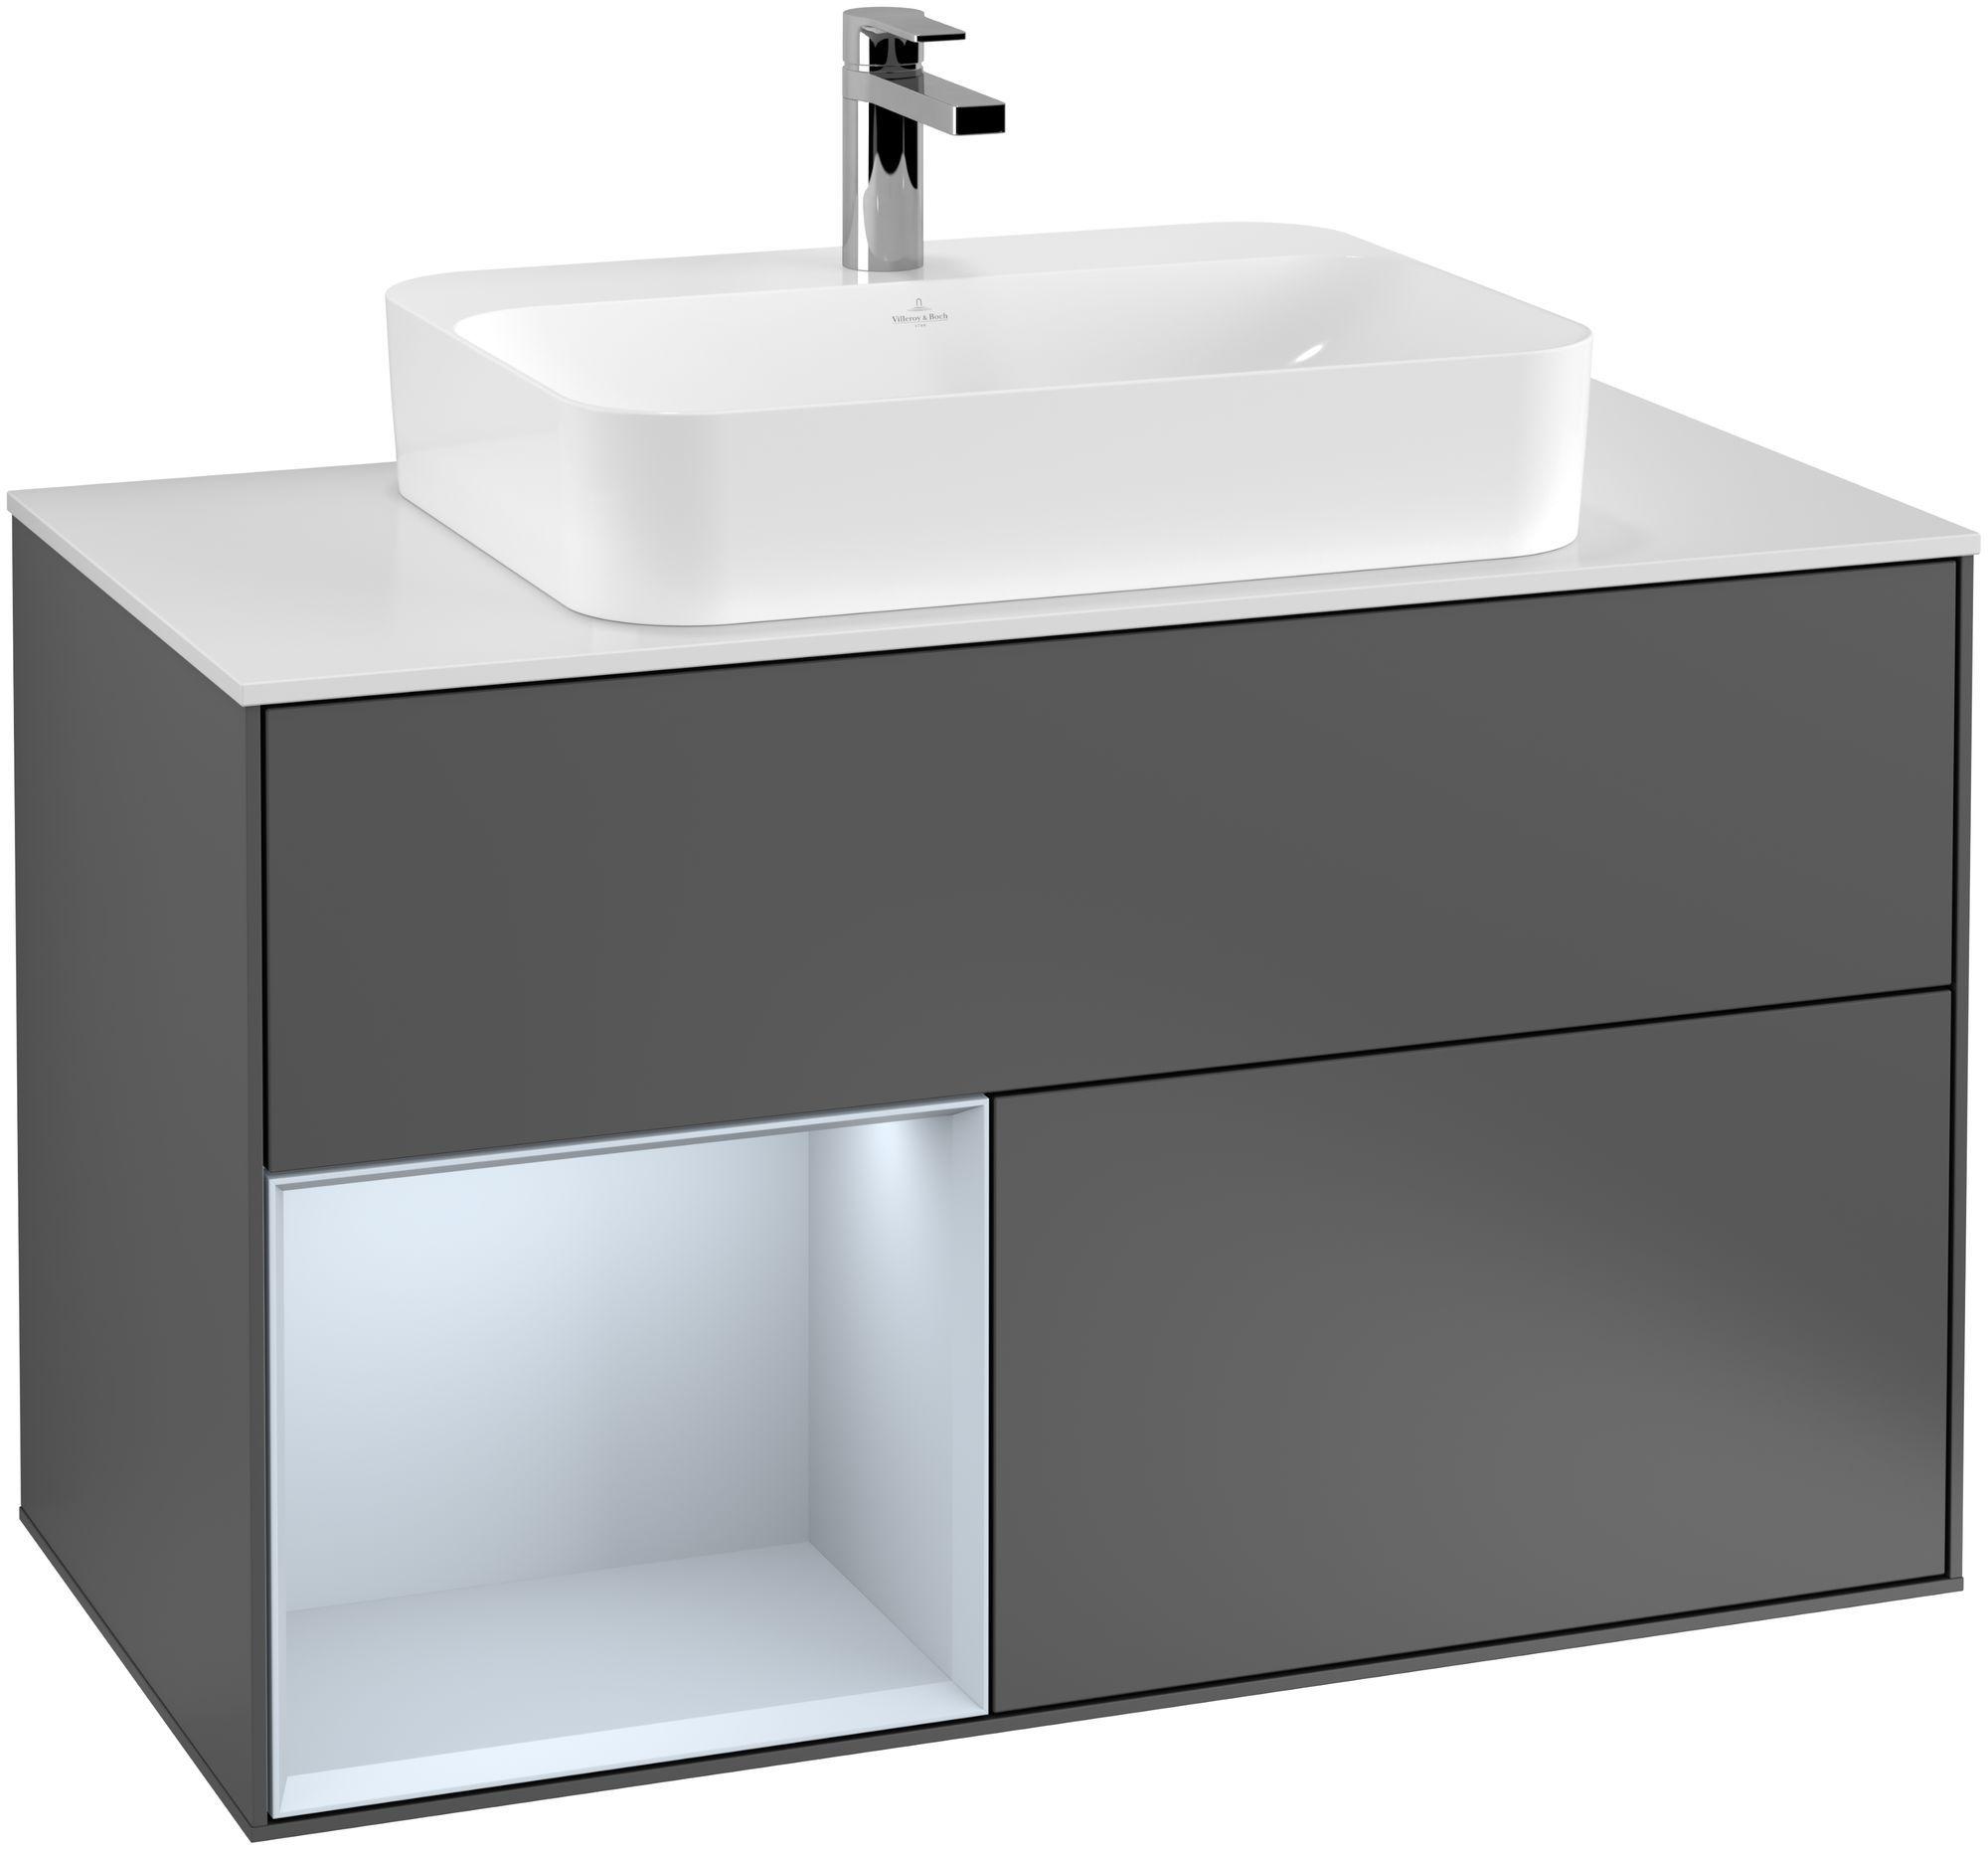 Villeroy & Boch Finion G36 Waschtischunterschrank mit Regalelement 2 Auszüge für WT mittig LED-Beleuchtung B:100xH:60,3xT:50,1cm Front, Korpus: Anthracite Matt, Regal: Cloud, Glasplatte: White Matt G361HAGK